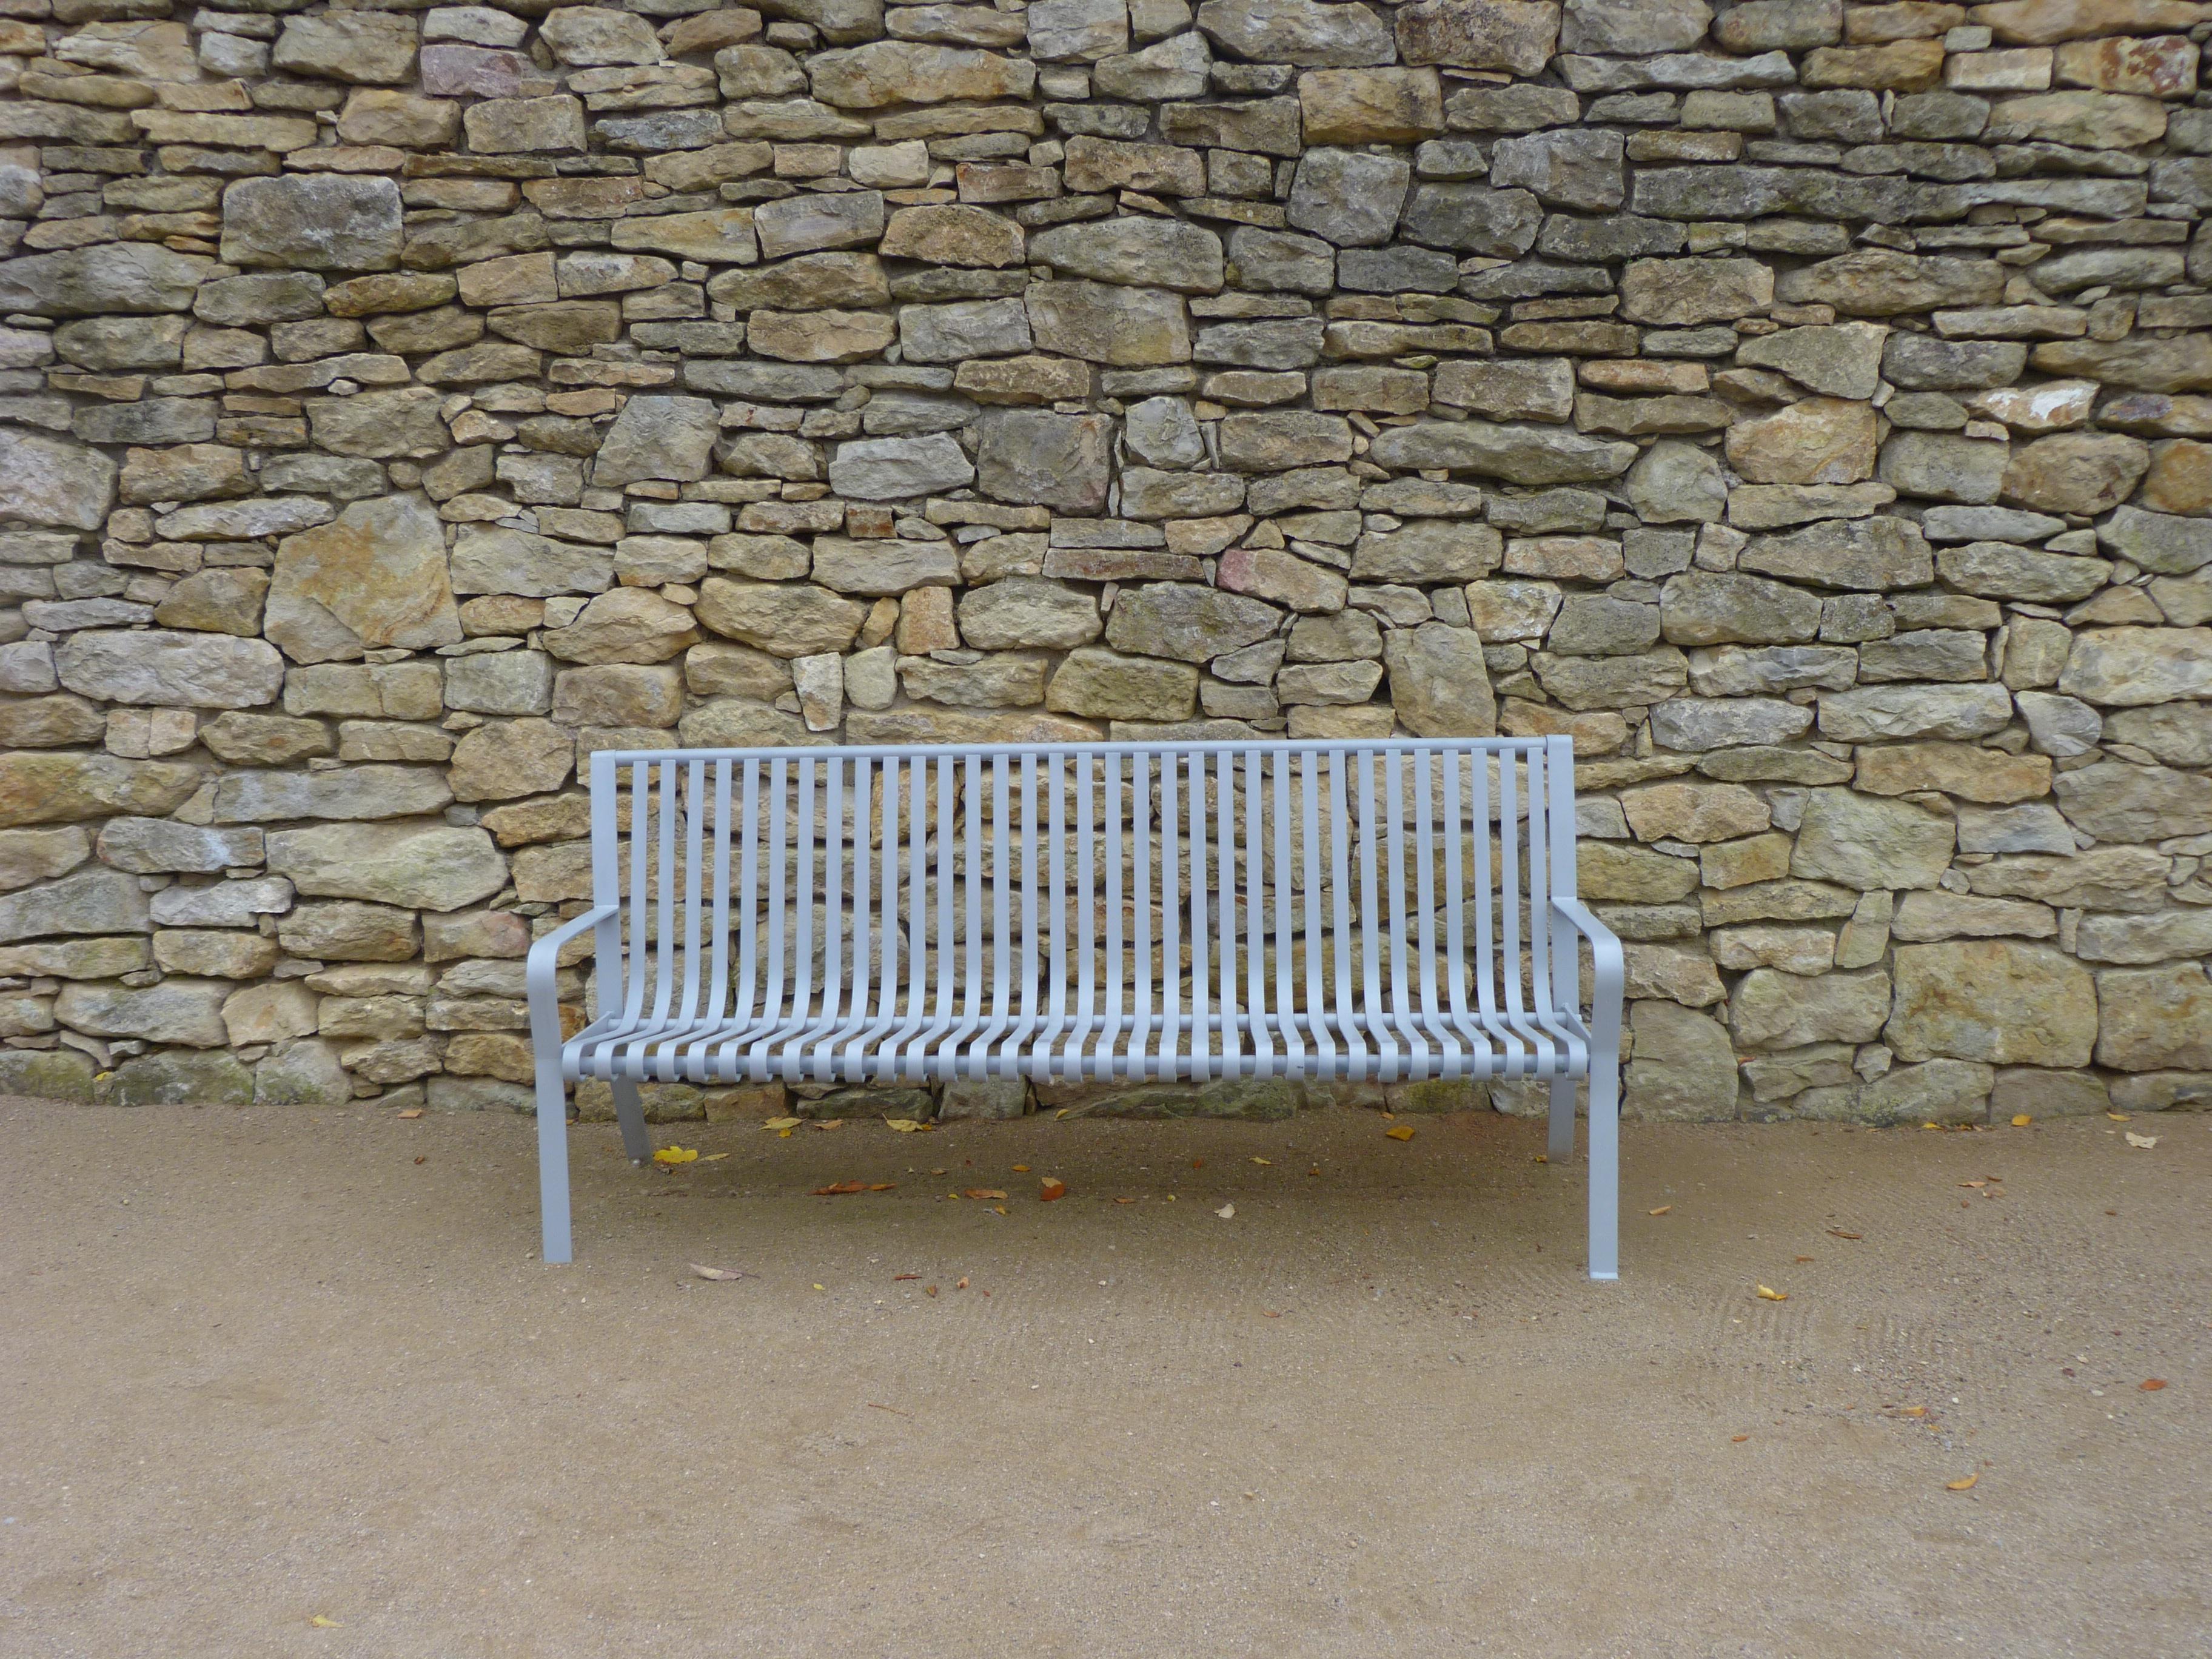 Images Gratuites Bois Banc Sol Mur Pierre Meubles Brique